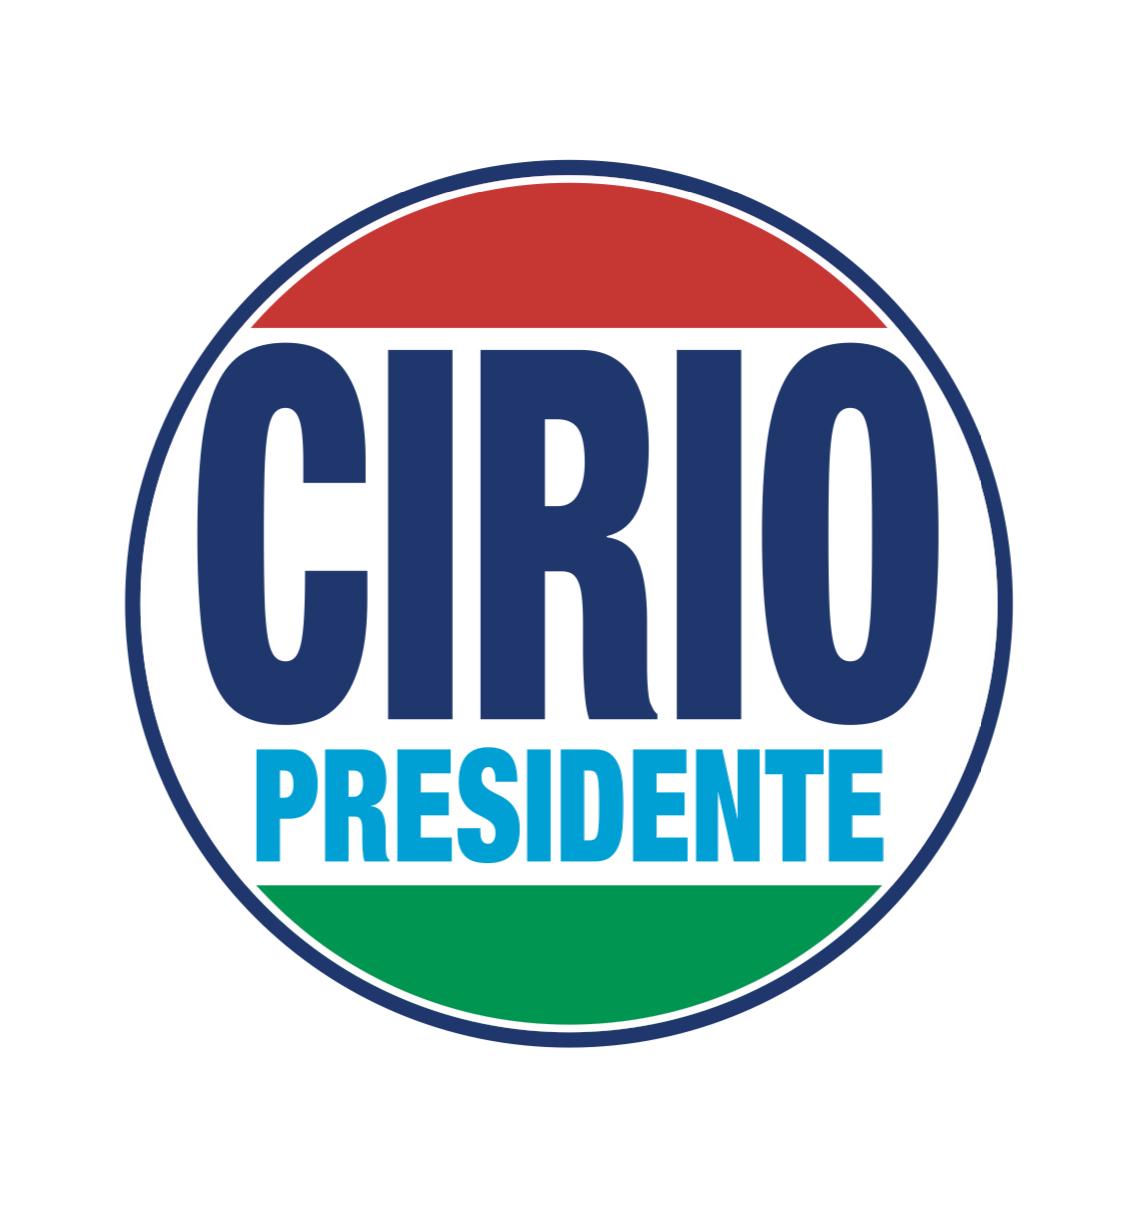 logociriopresidente